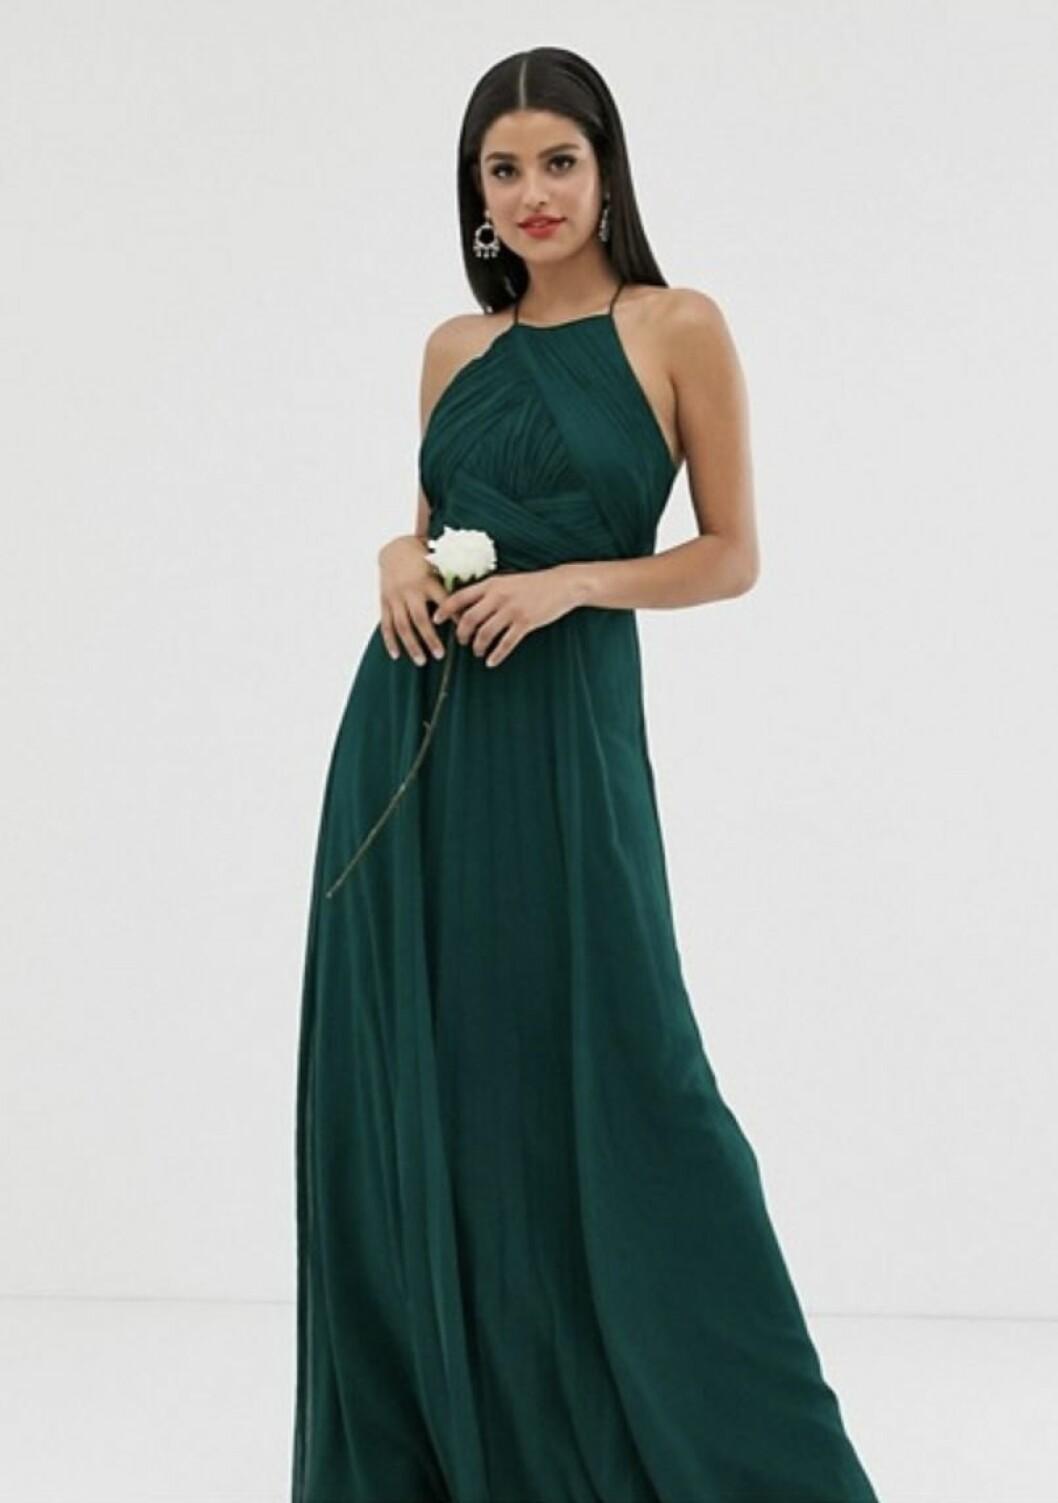 Grön klänning med tunna band till brudtärnan